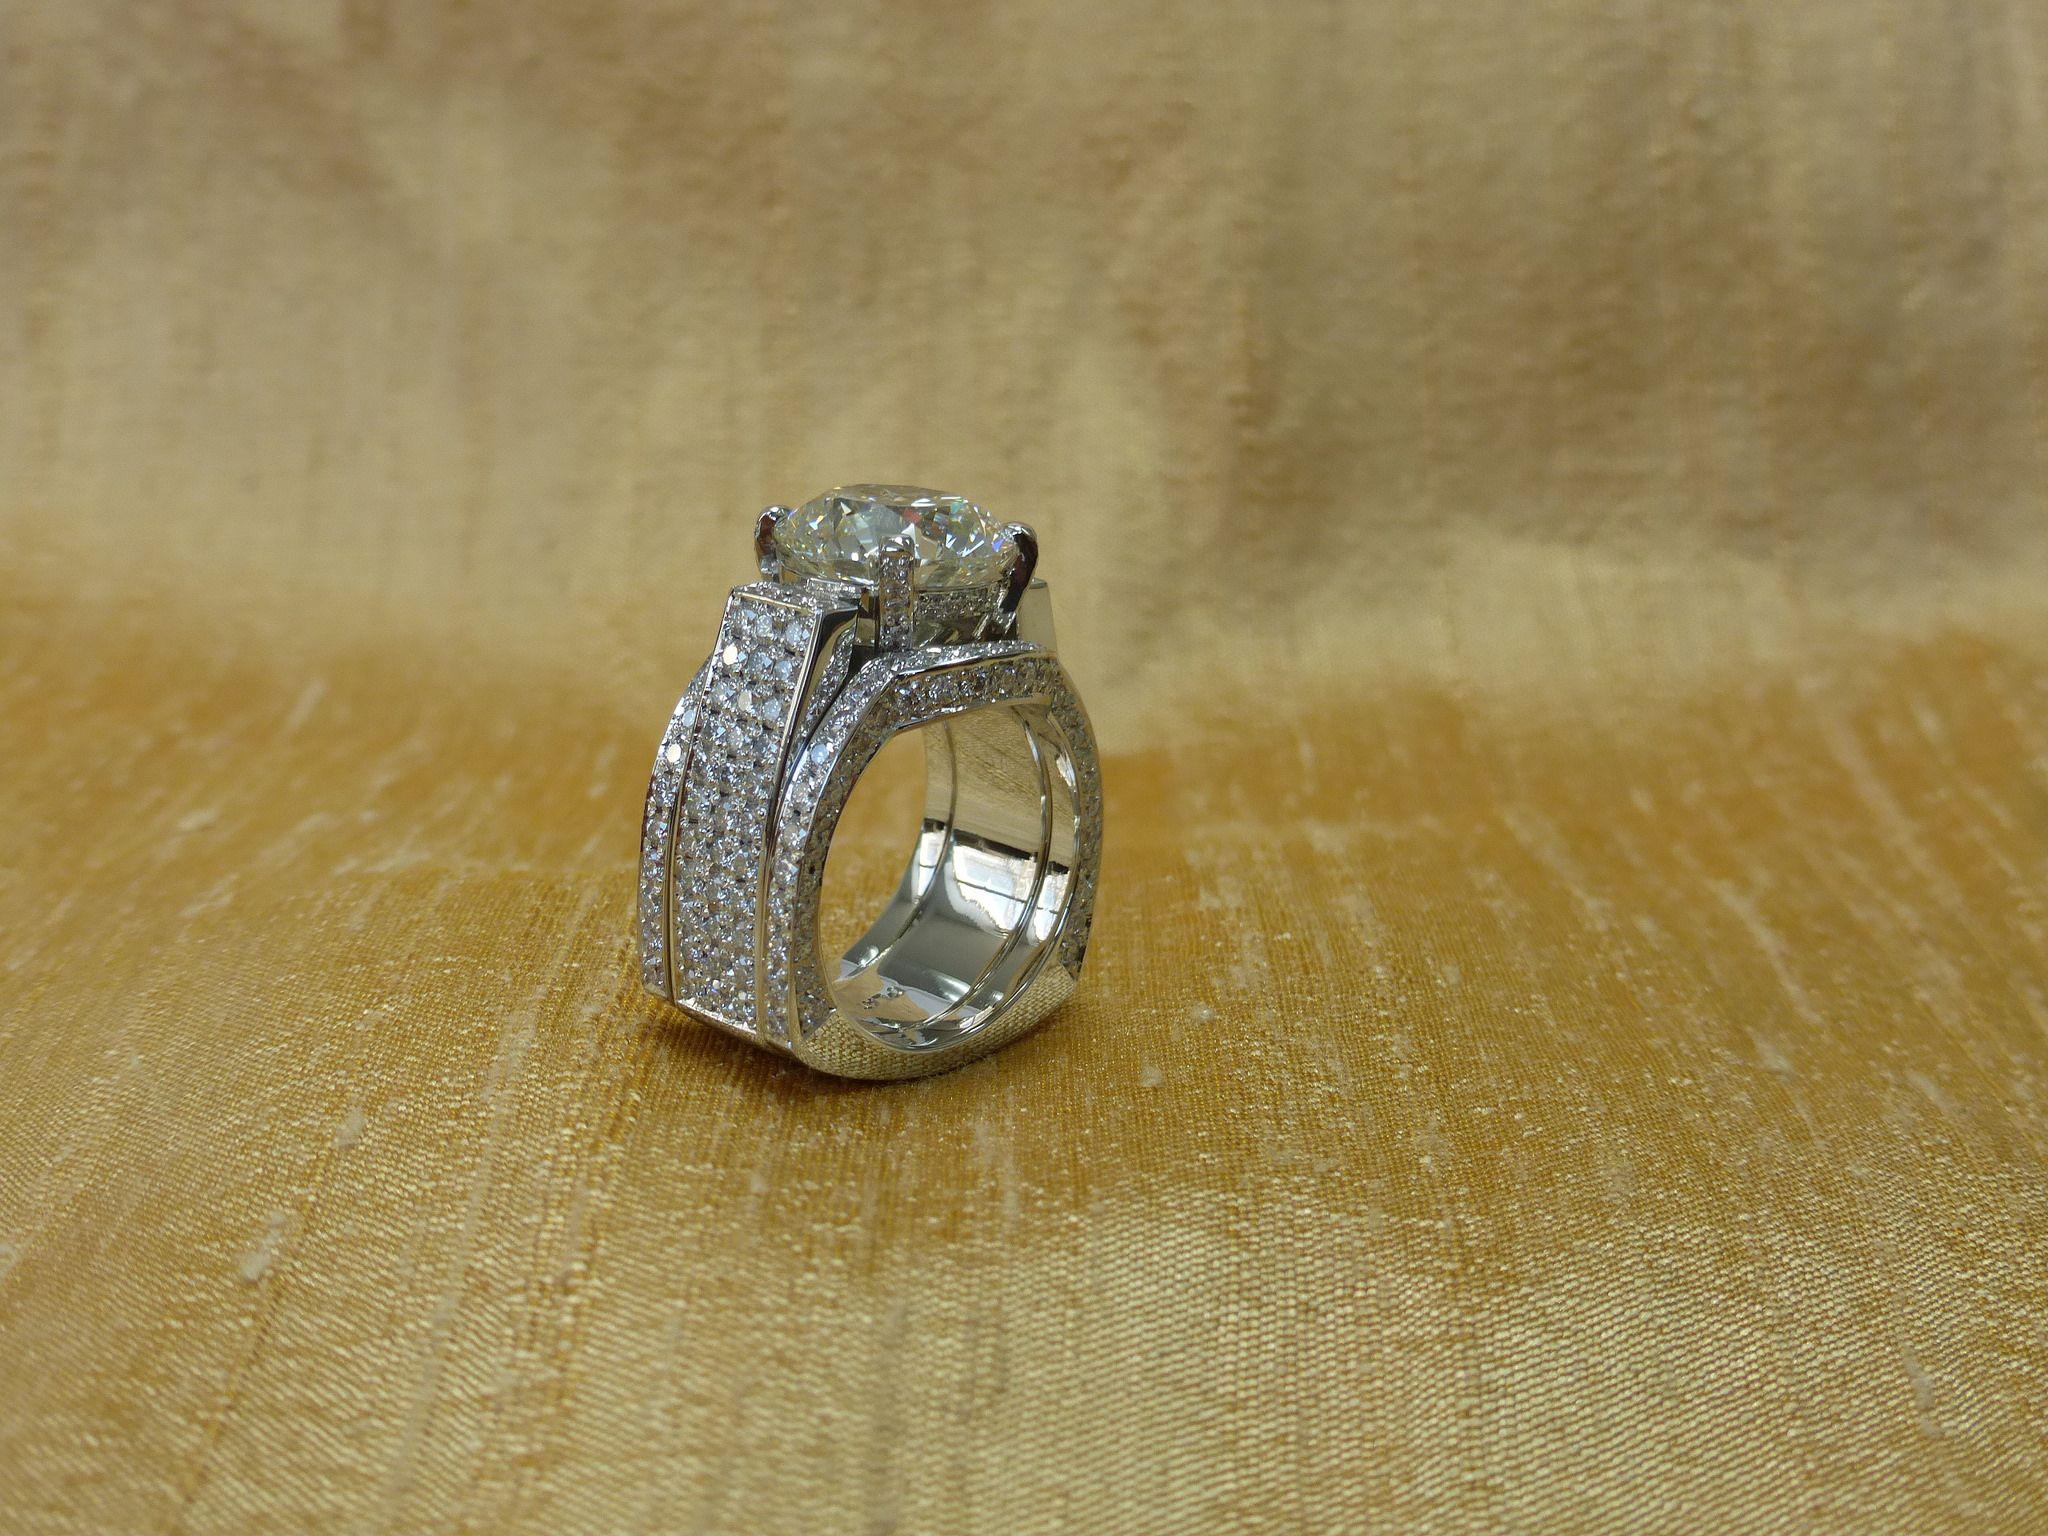 100k Custom Diamond Center Stone With Diamond Accents Ring Diamond Accent Ring Diamond Accent Accent Ring